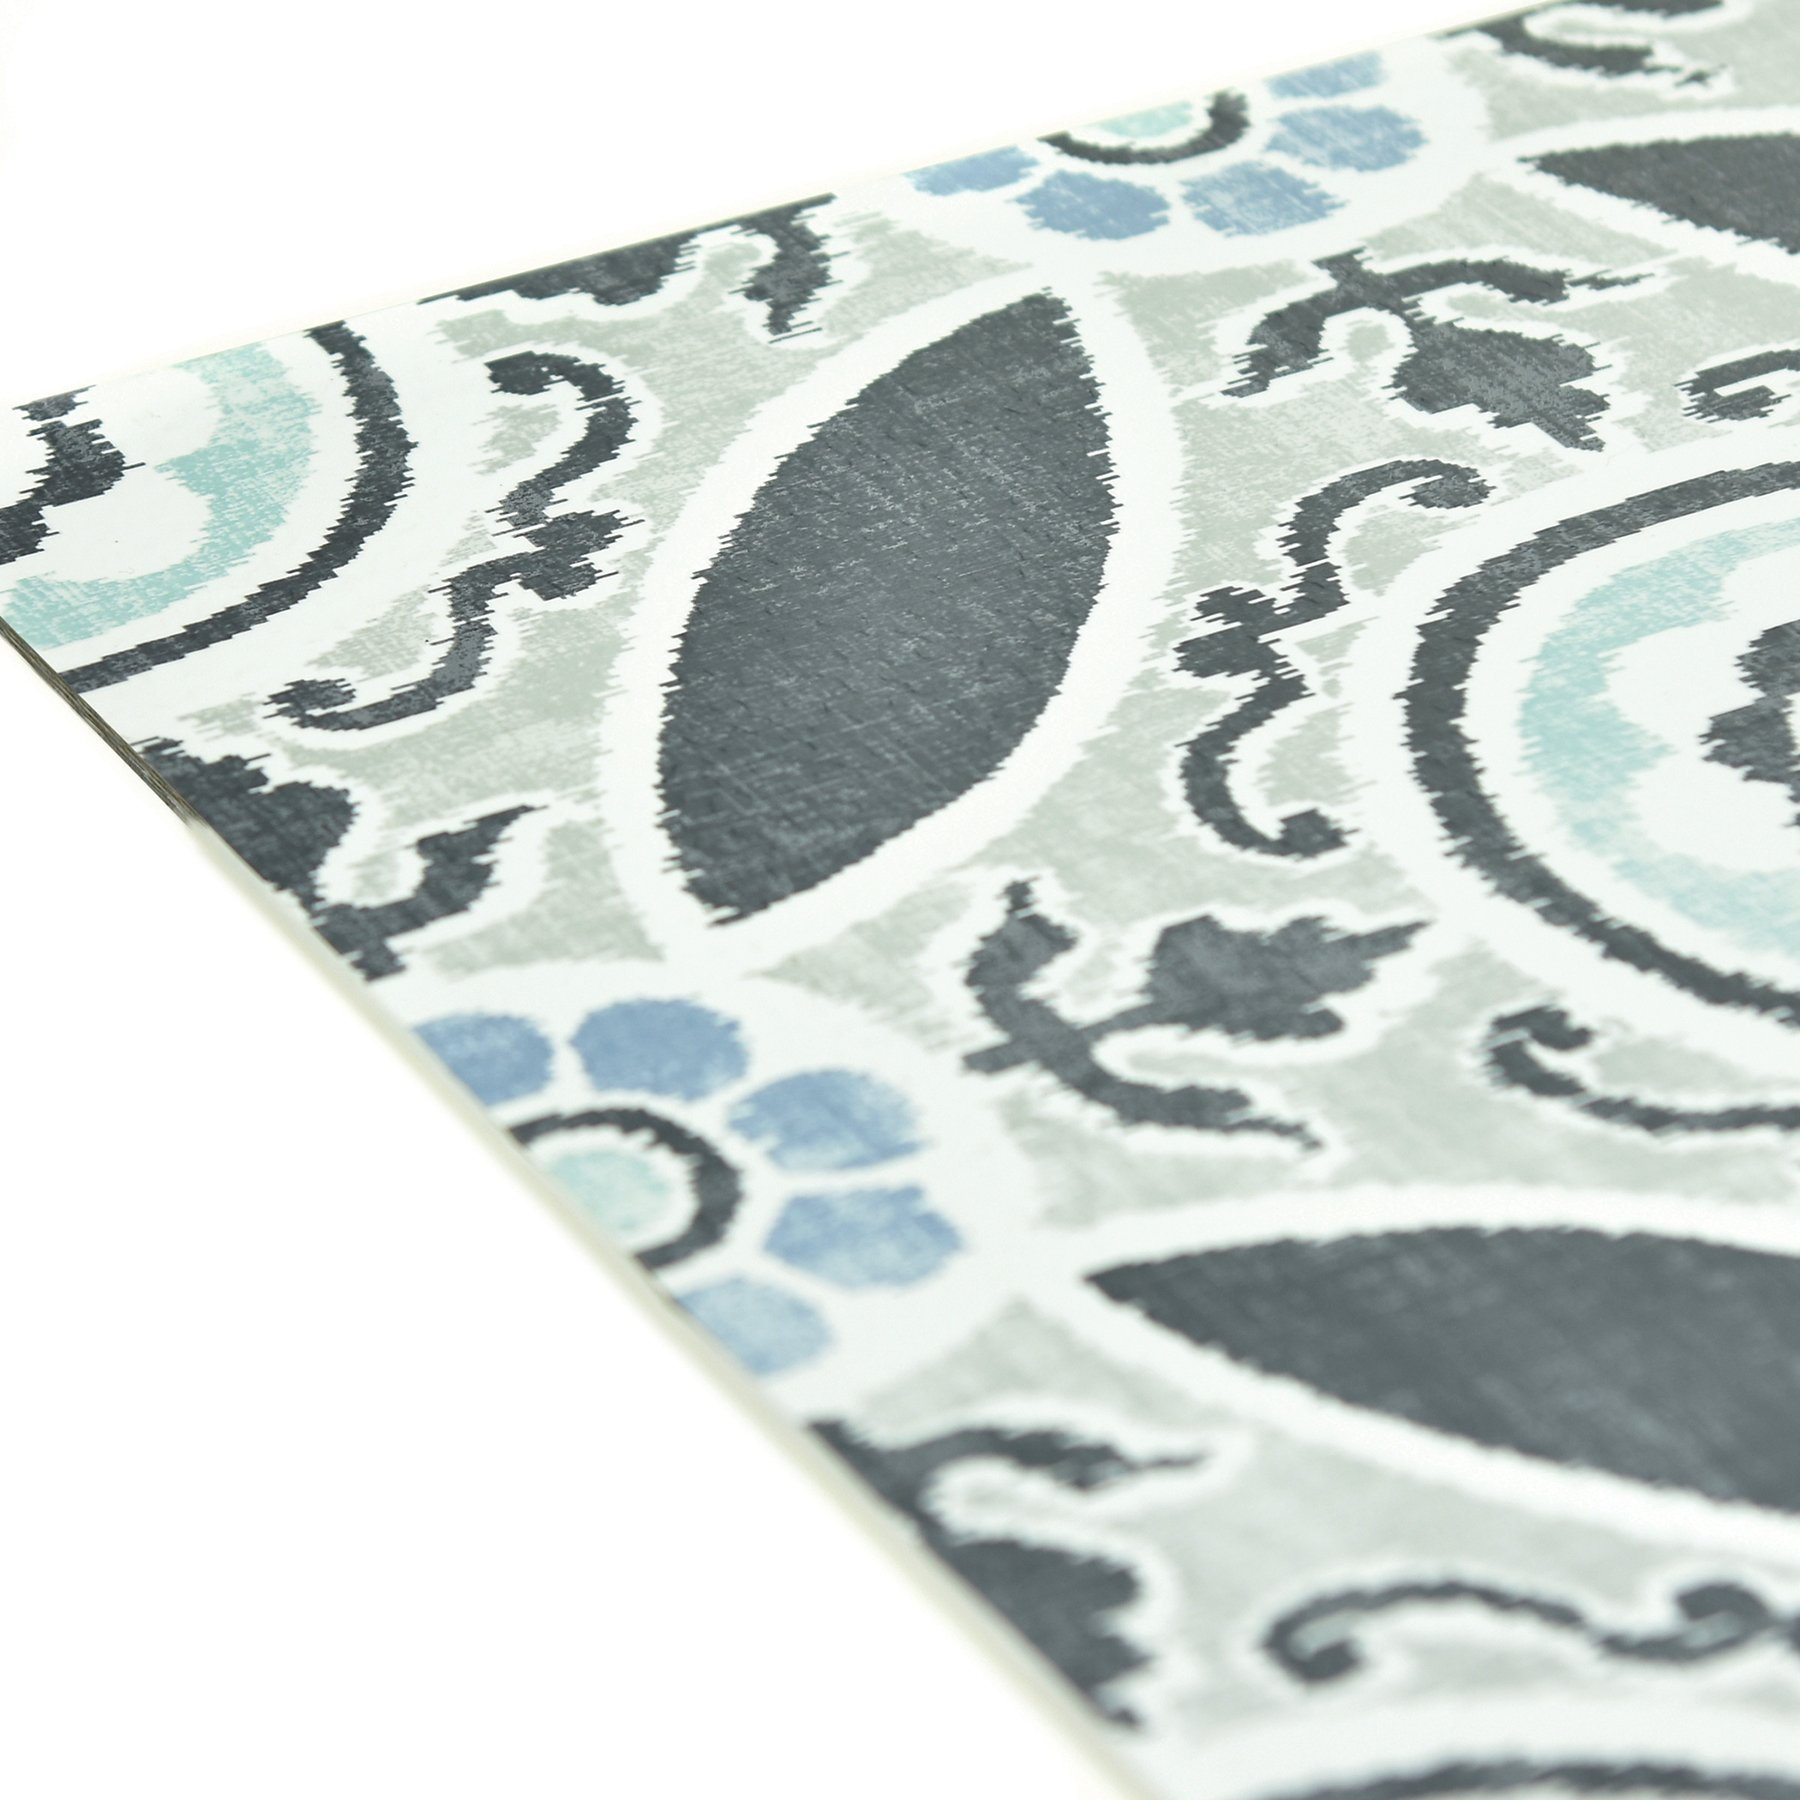 FloorPops FP2484 Sienna Peel & Stick Tiles Floor Decal, Blue by FloorPops (Image #5)